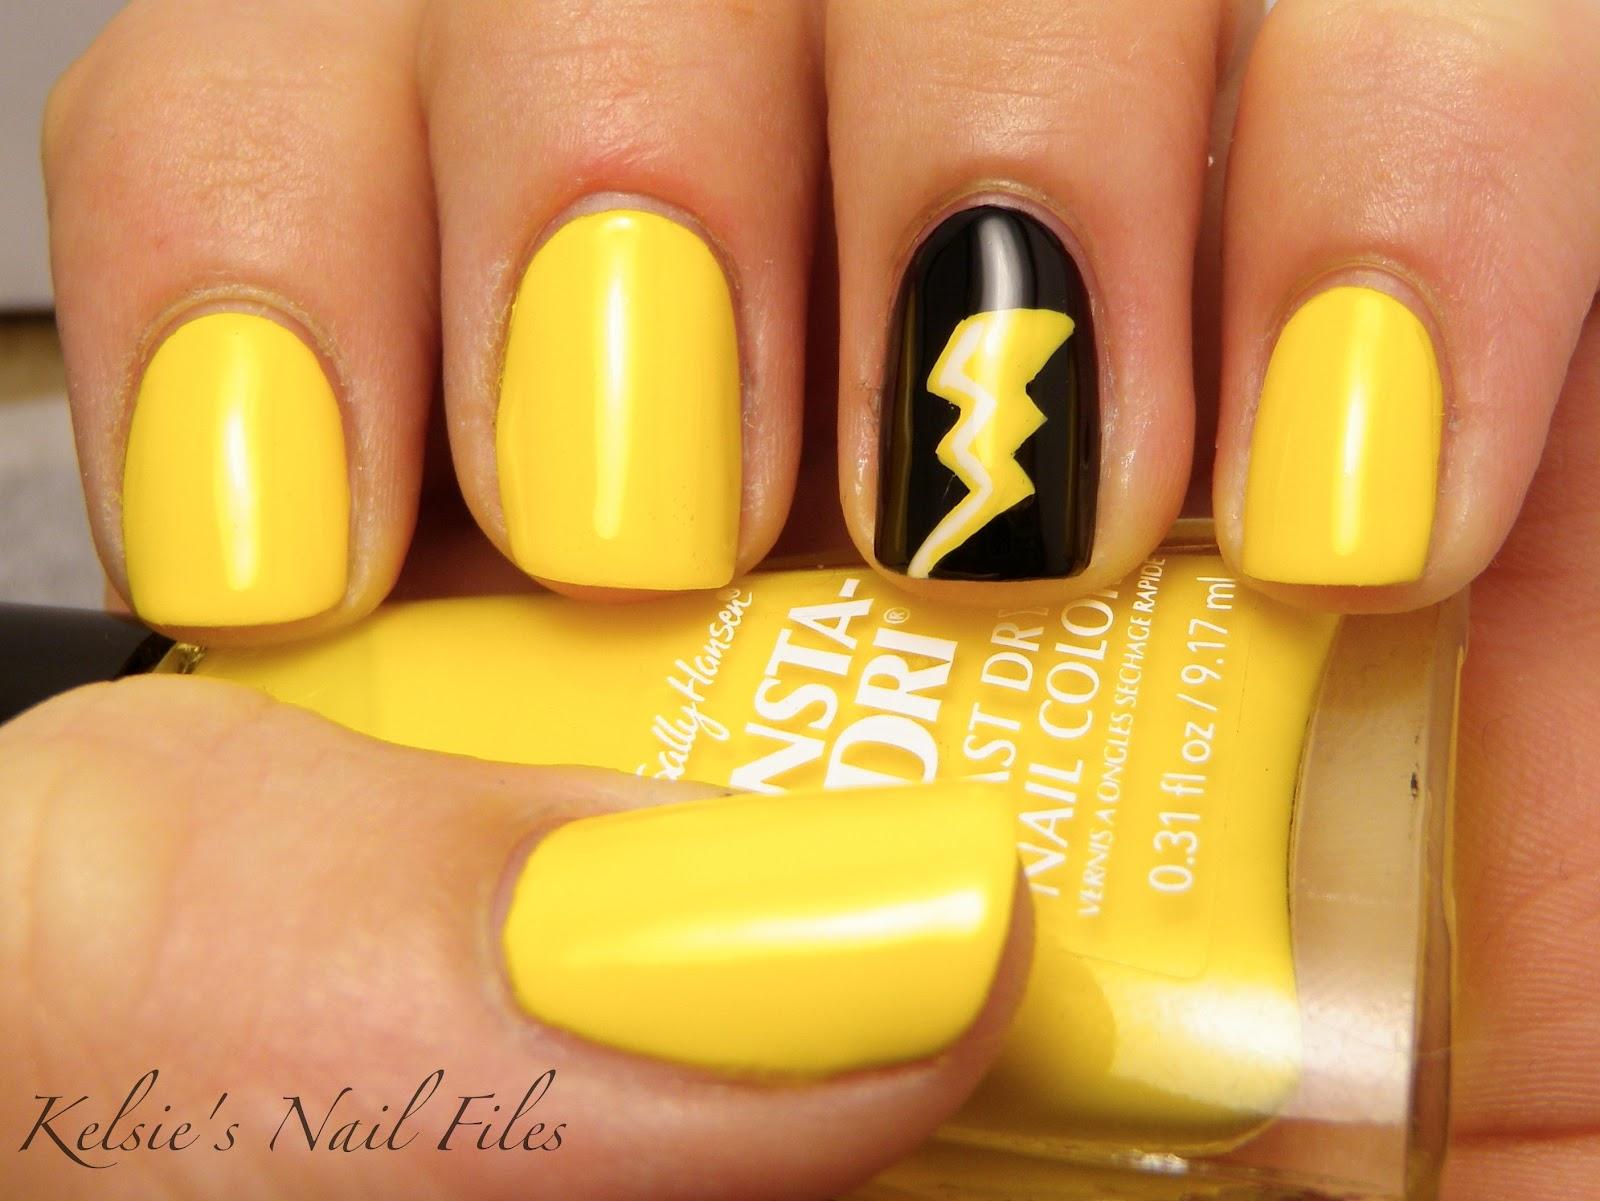 Yellow Nail Polish Designs Nail Designs Hair Styles Tattoos And